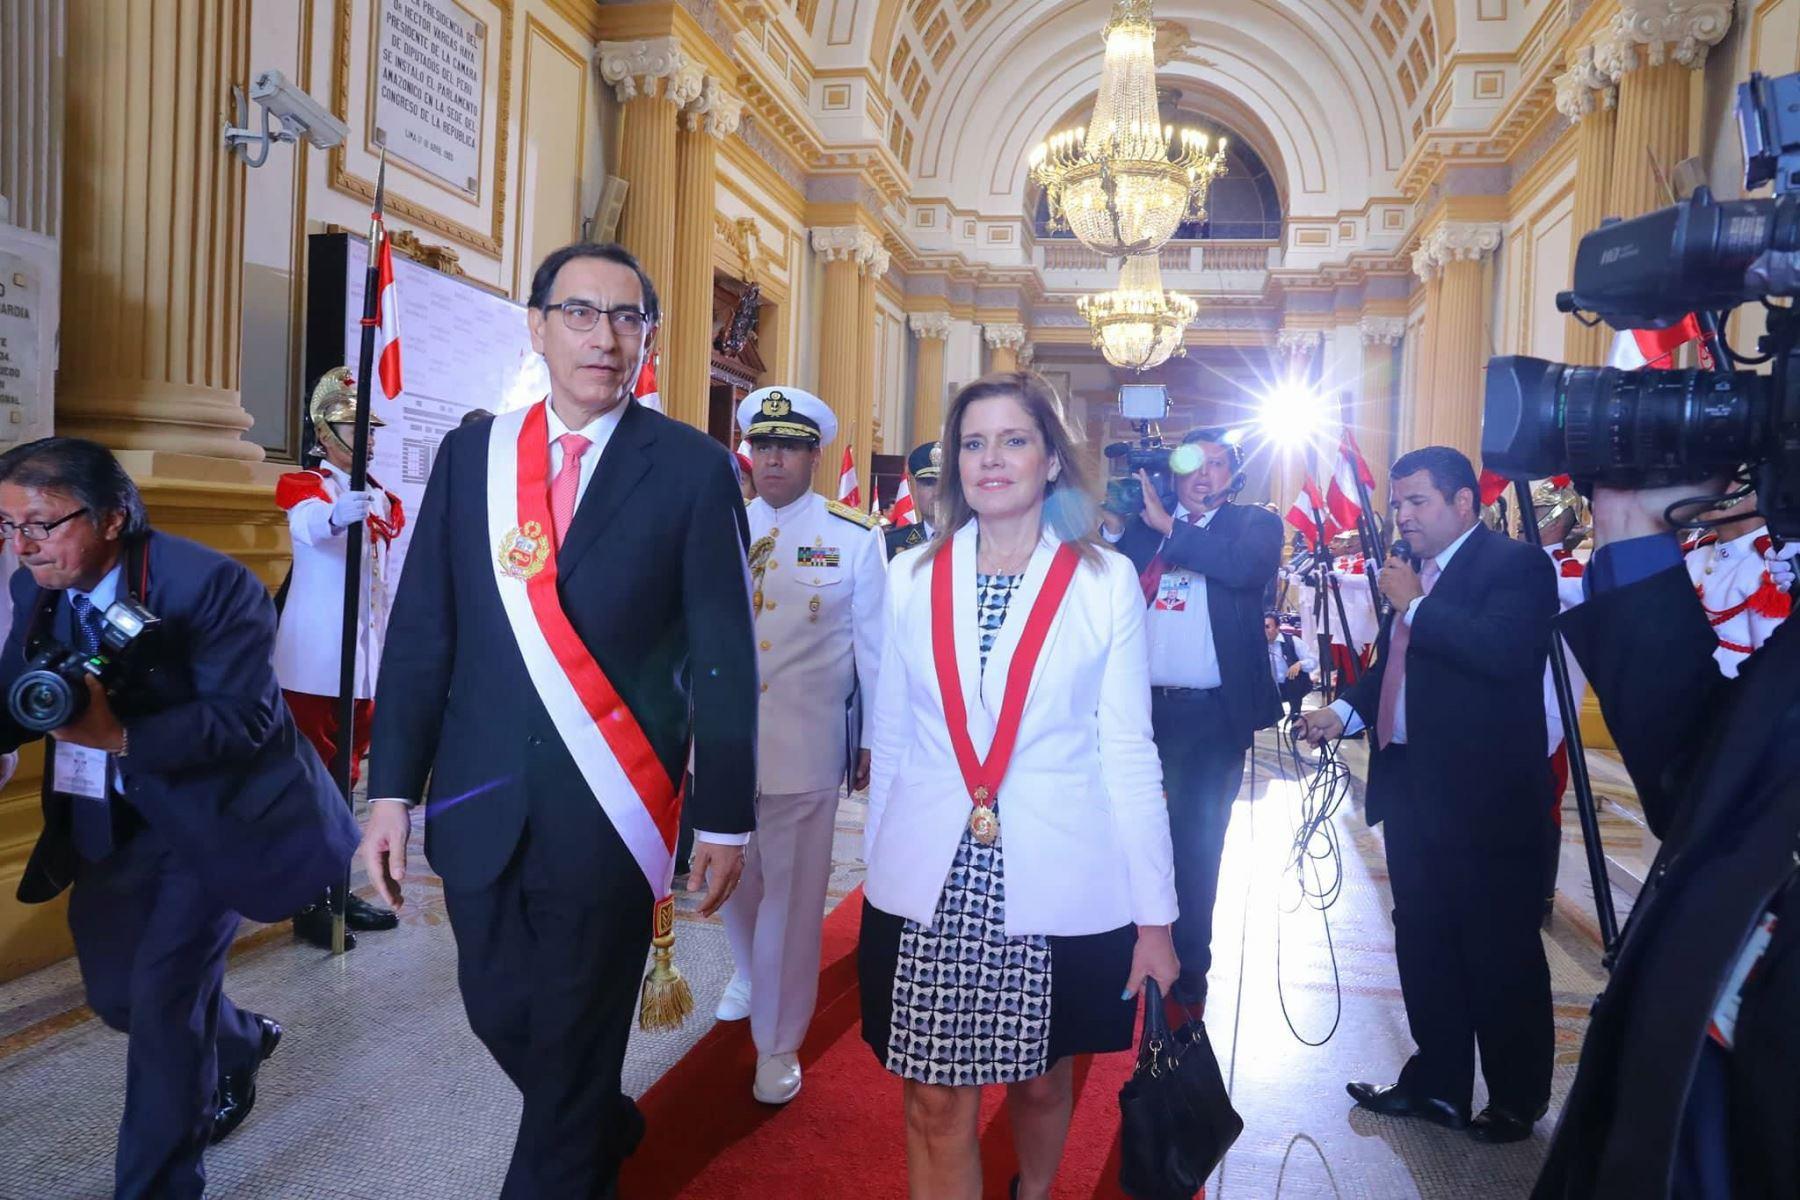 Martín Vizcarra juró como nuevo Presidente de la República. Foto: ANDINA/ Andrés Valle